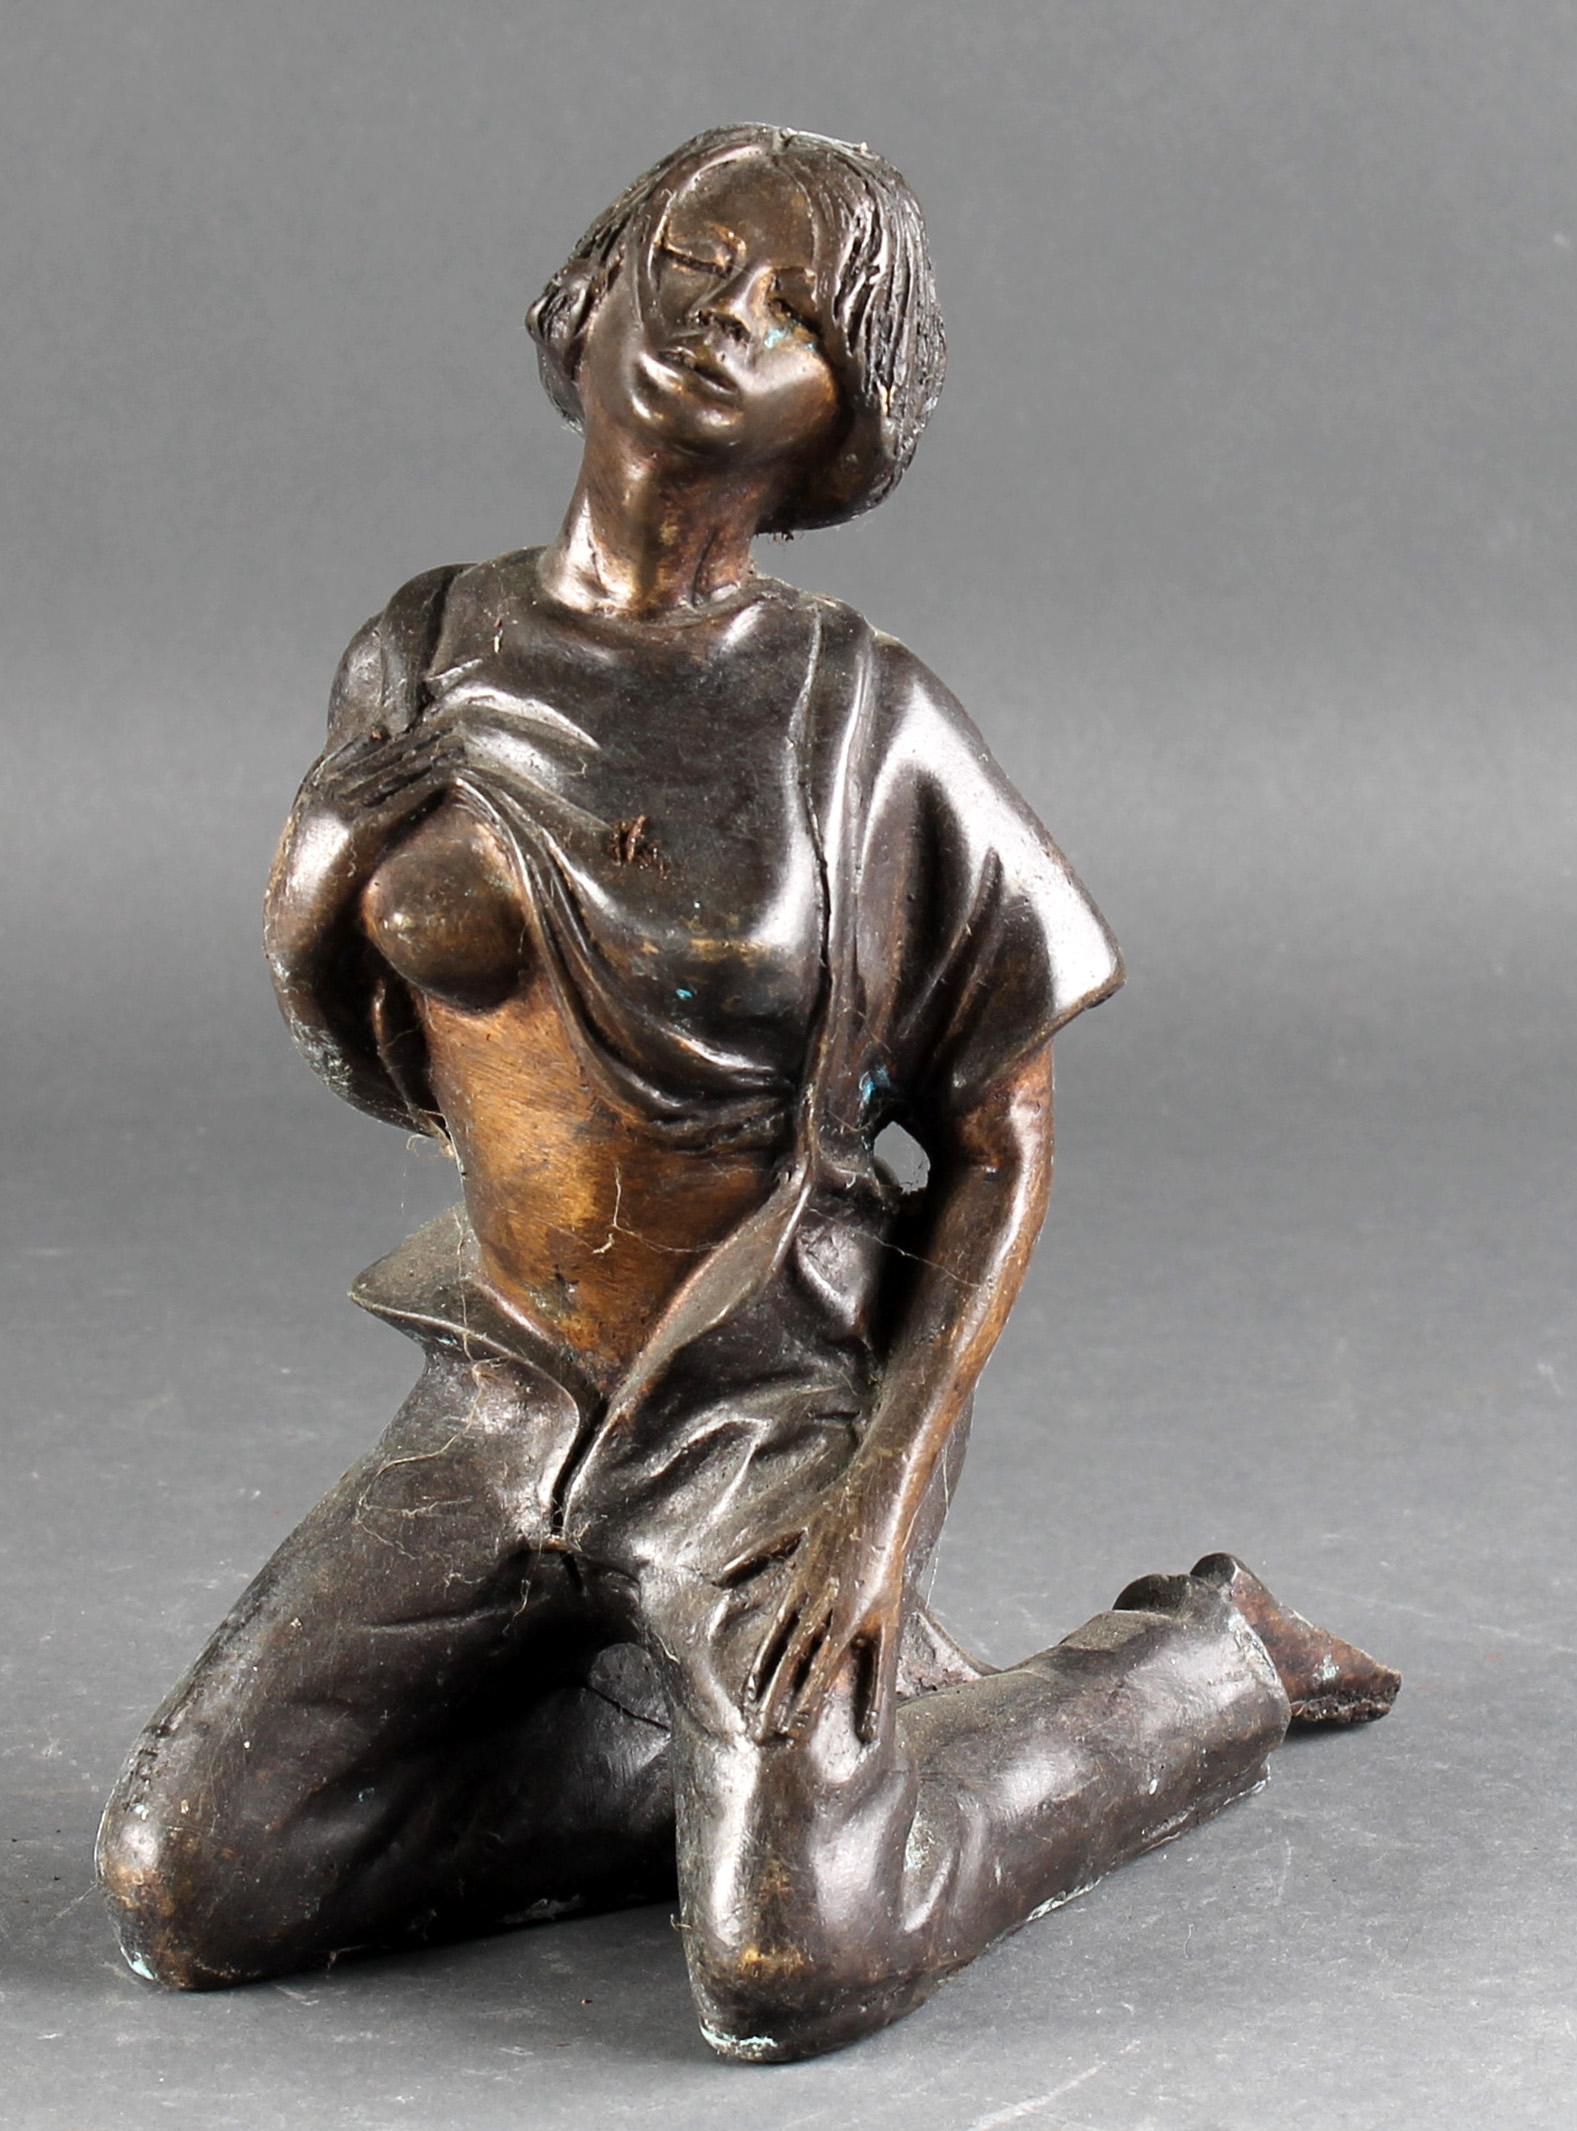 Erotisk figur af bronze - Erotisk figur af bruneret og patineret bronze i form af kvinde. H. 25,5 cm. Af nyere dato. Brugsspor